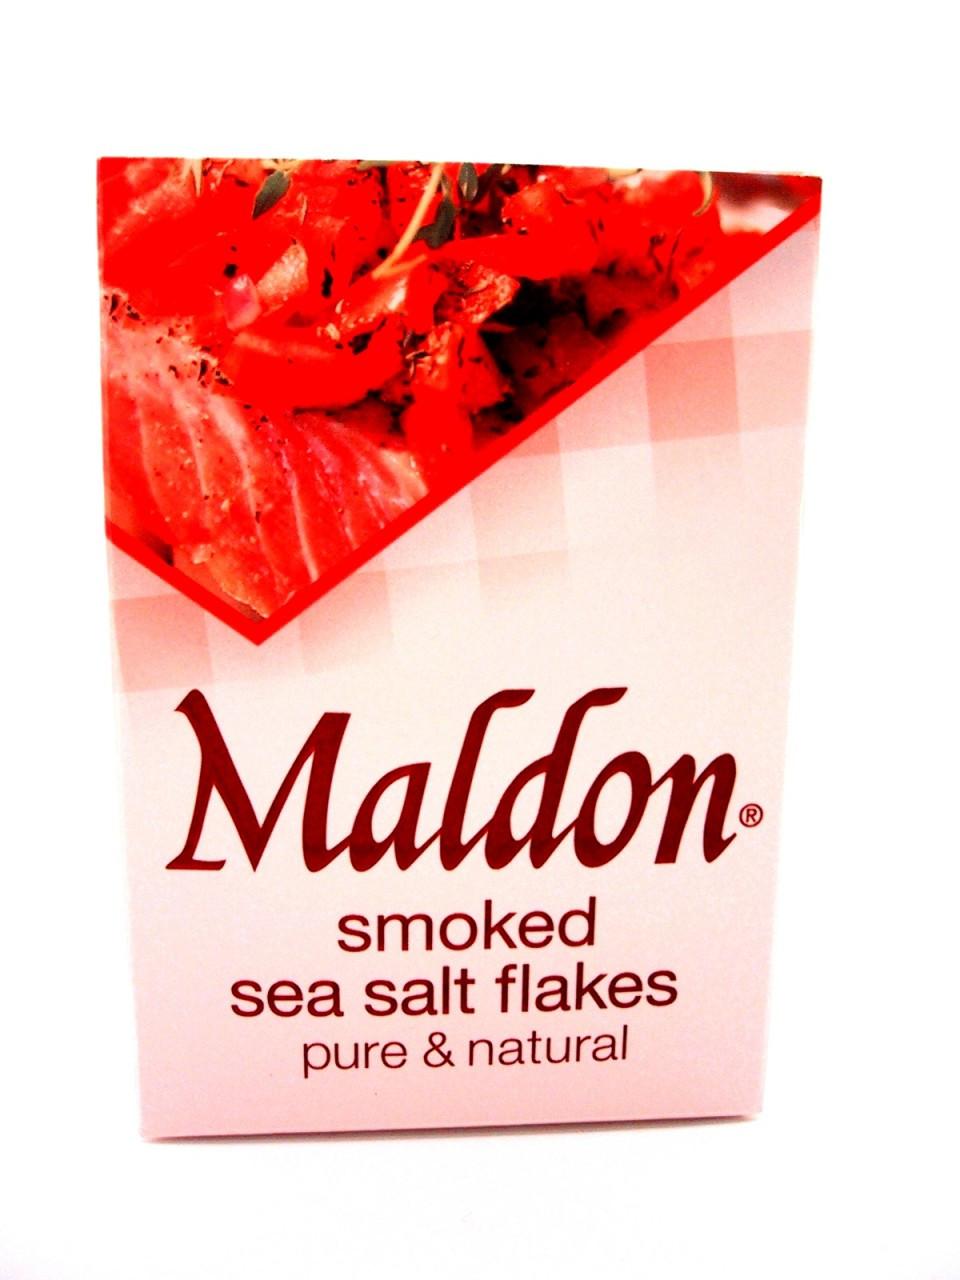 Maldon Smoked Sea Salt Flakes